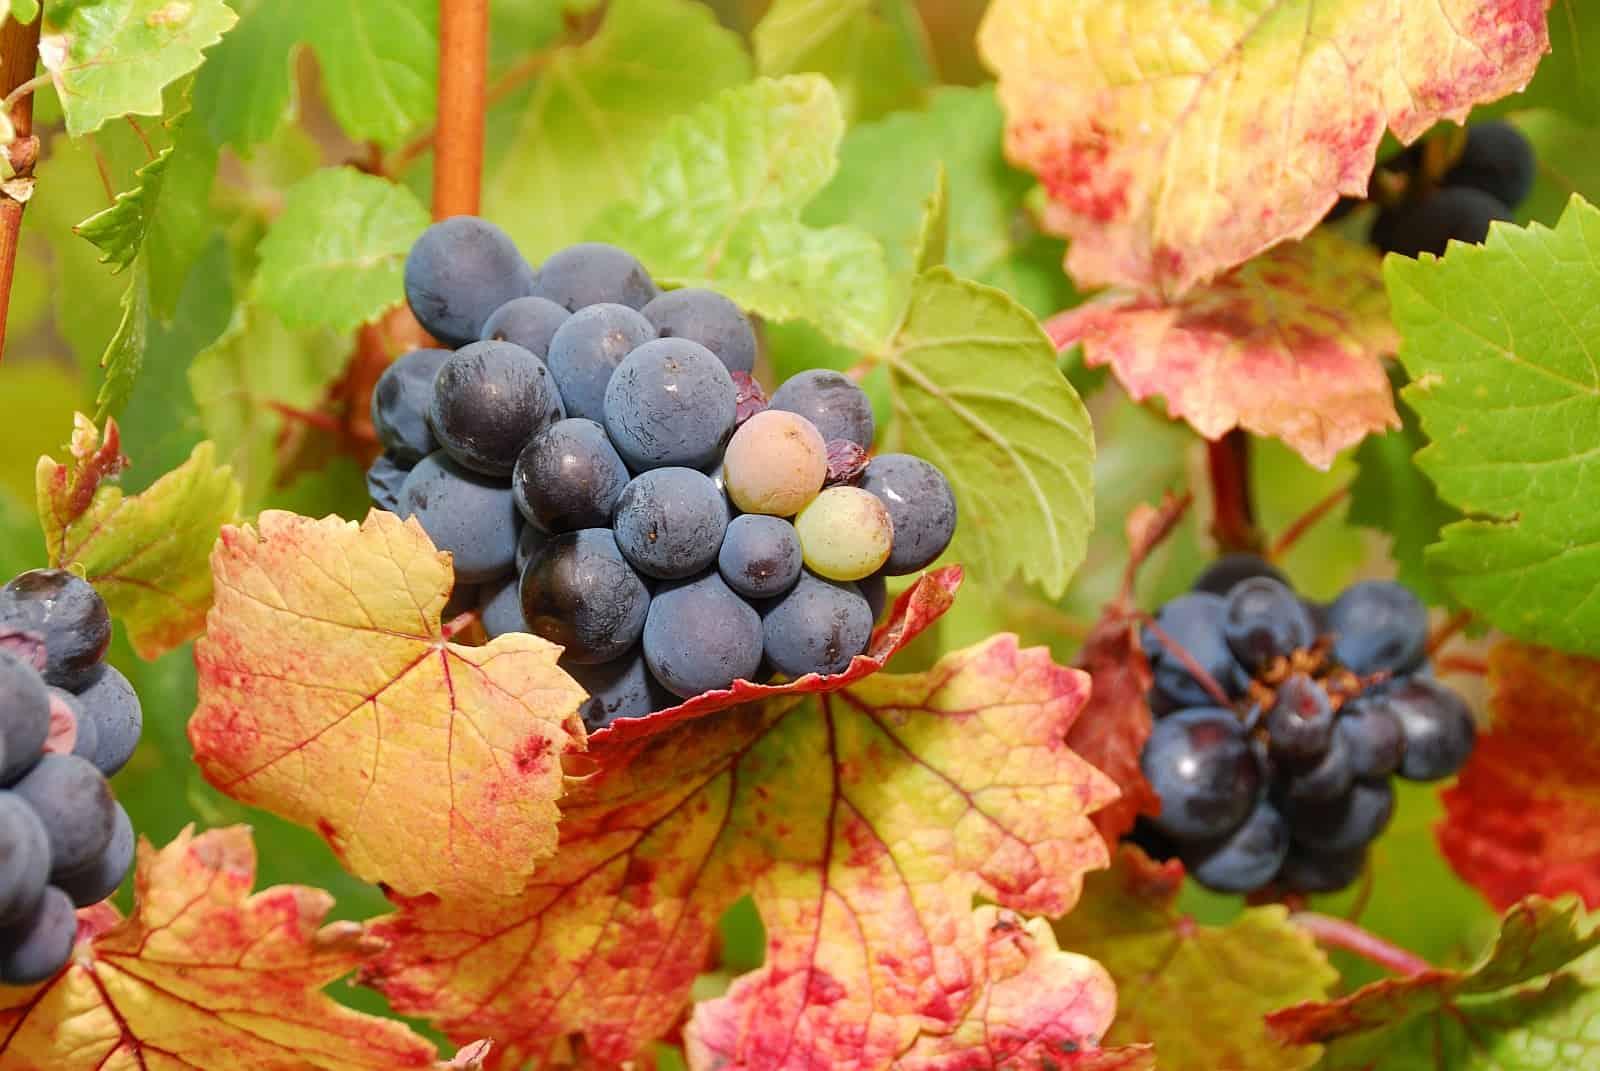 Hochwertige Rotweine bereichern die kanadische Gastronomieszene, angebaut im Okanagan oder der Niagara Region können sie sich mit edlen Tropfen aus aller Welt messen.